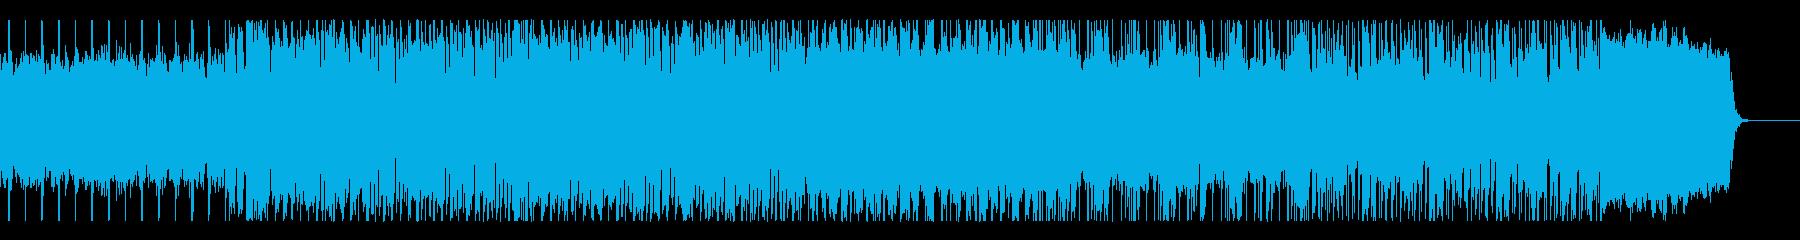 ★シンセブラスが印象的80年代風Rockの再生済みの波形